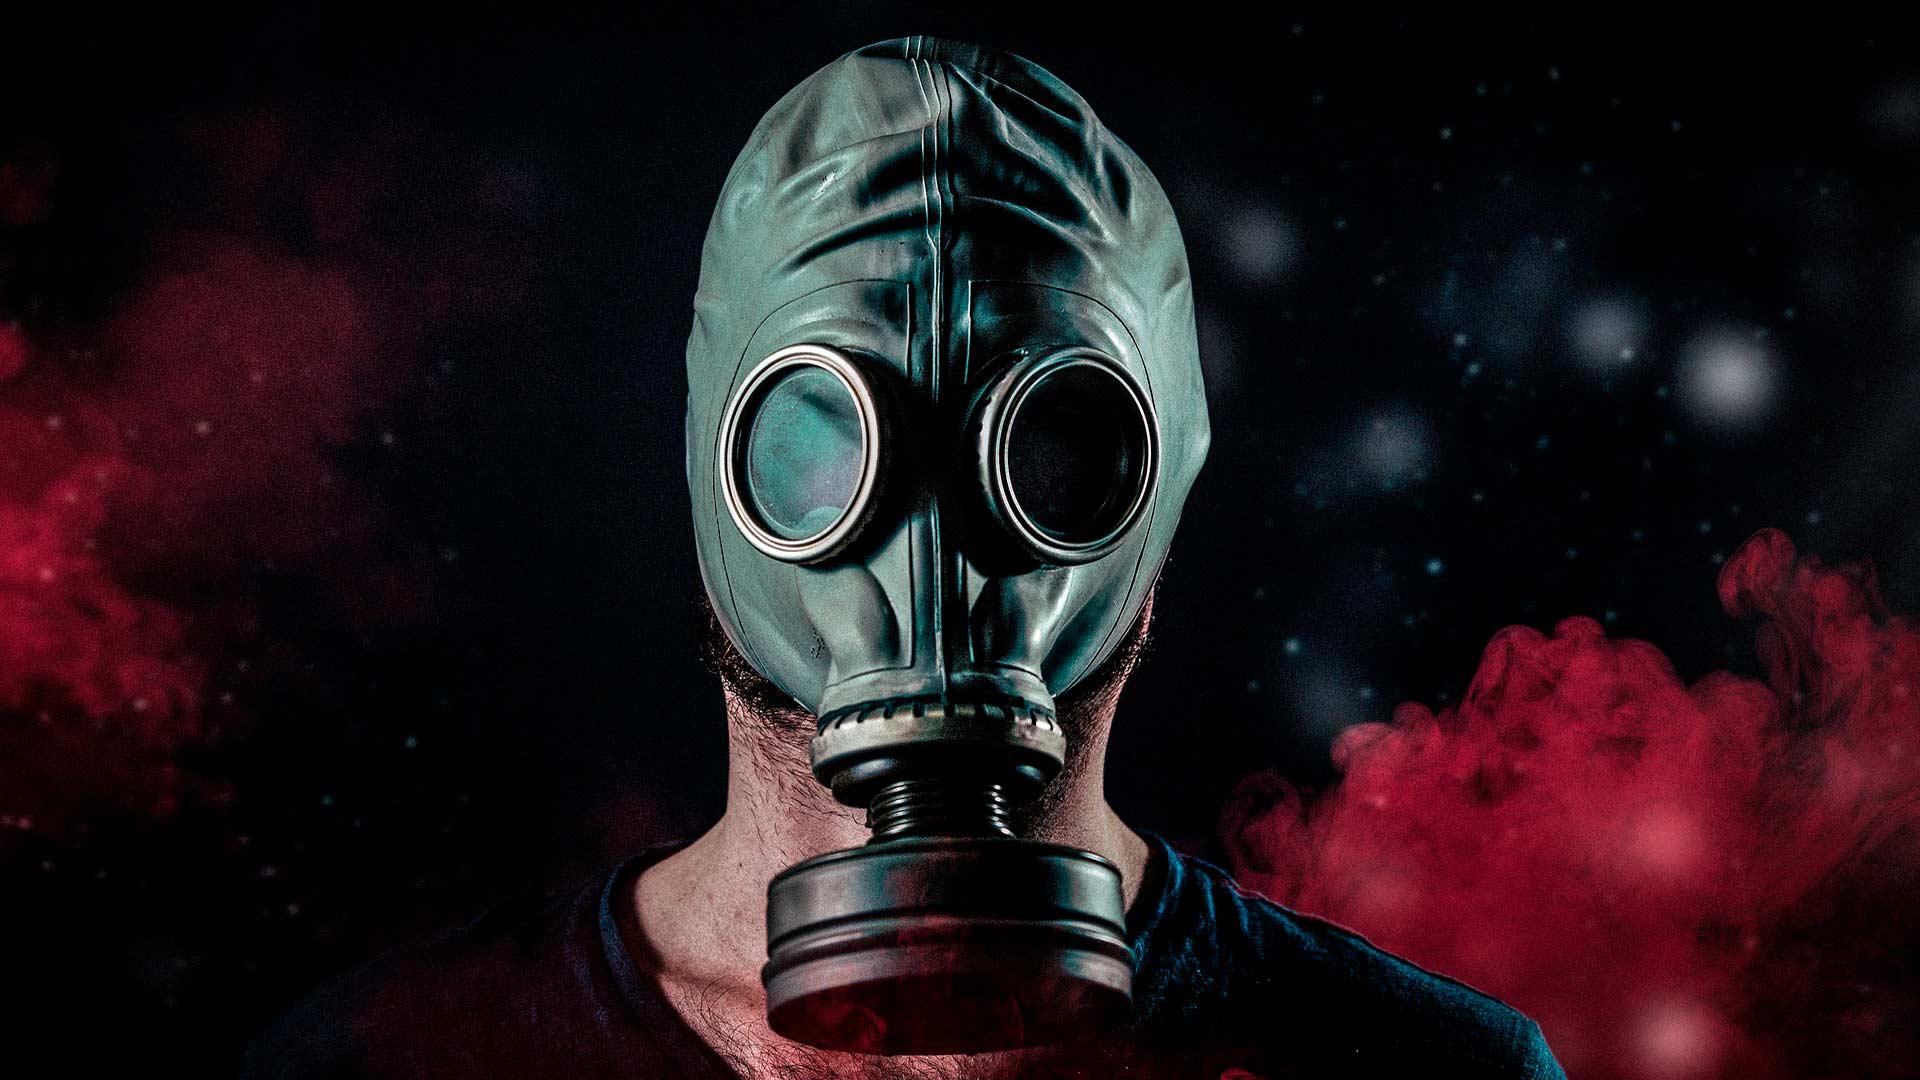 quimifobia cosmetica rechazo sustancias quimicas sibari republic